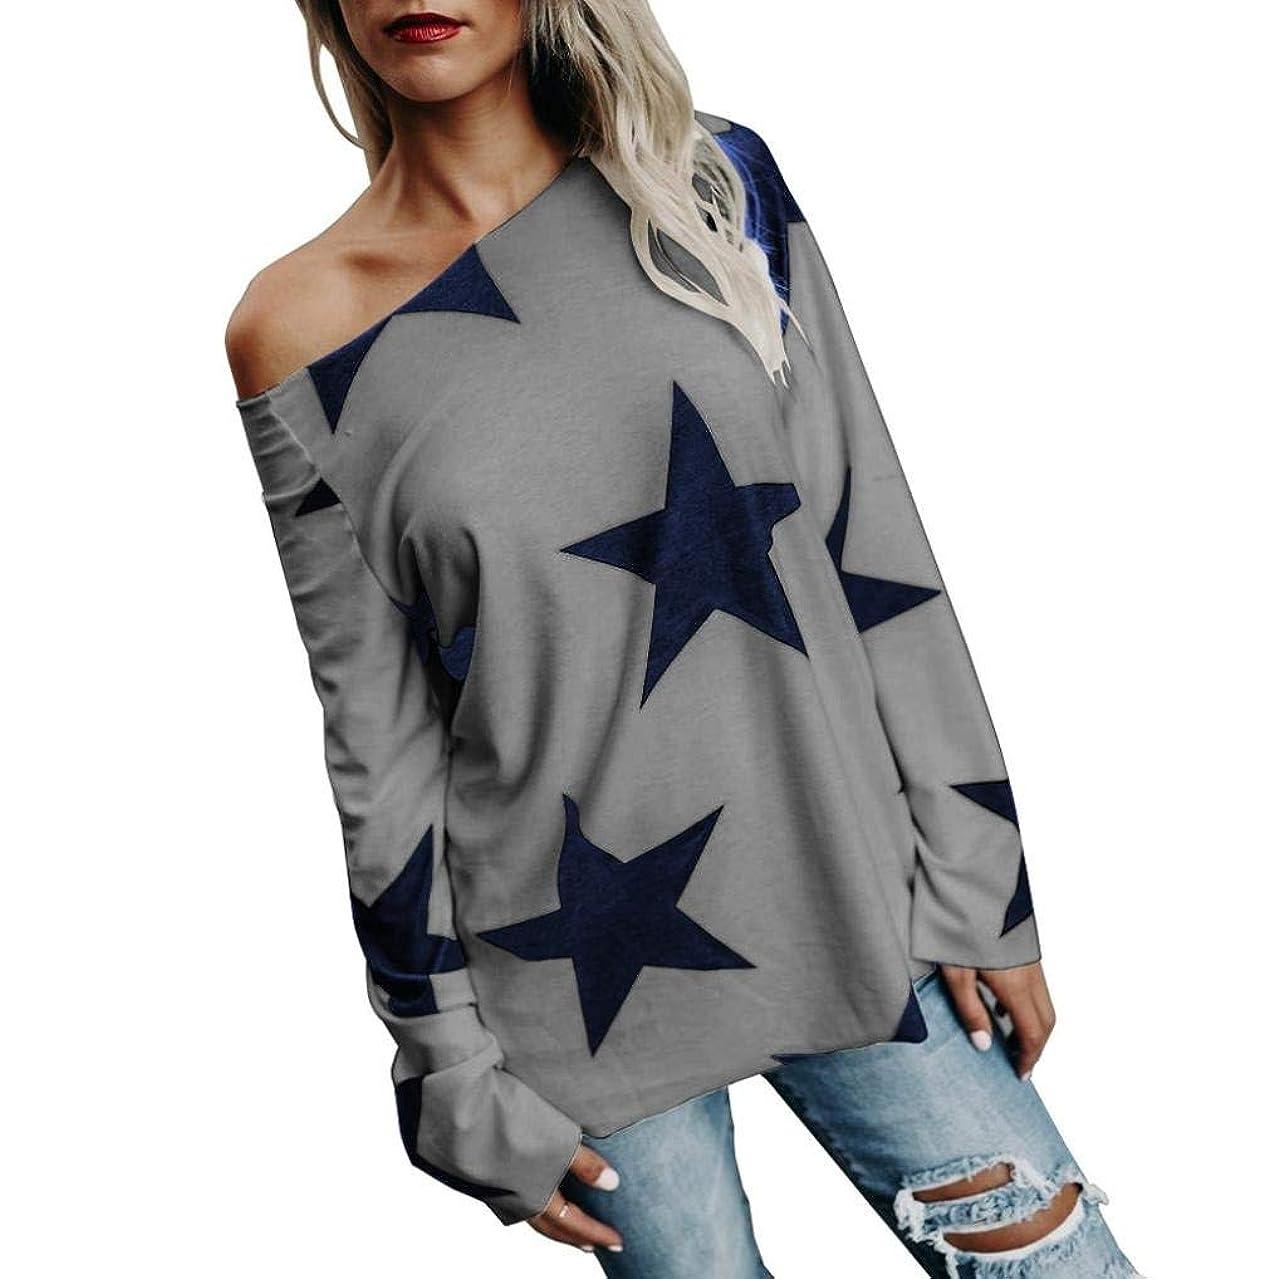 CUCUHAM Women Girl Strapless Star Sweatshirt Long Sleeve Crop Jumper Pullover Tops